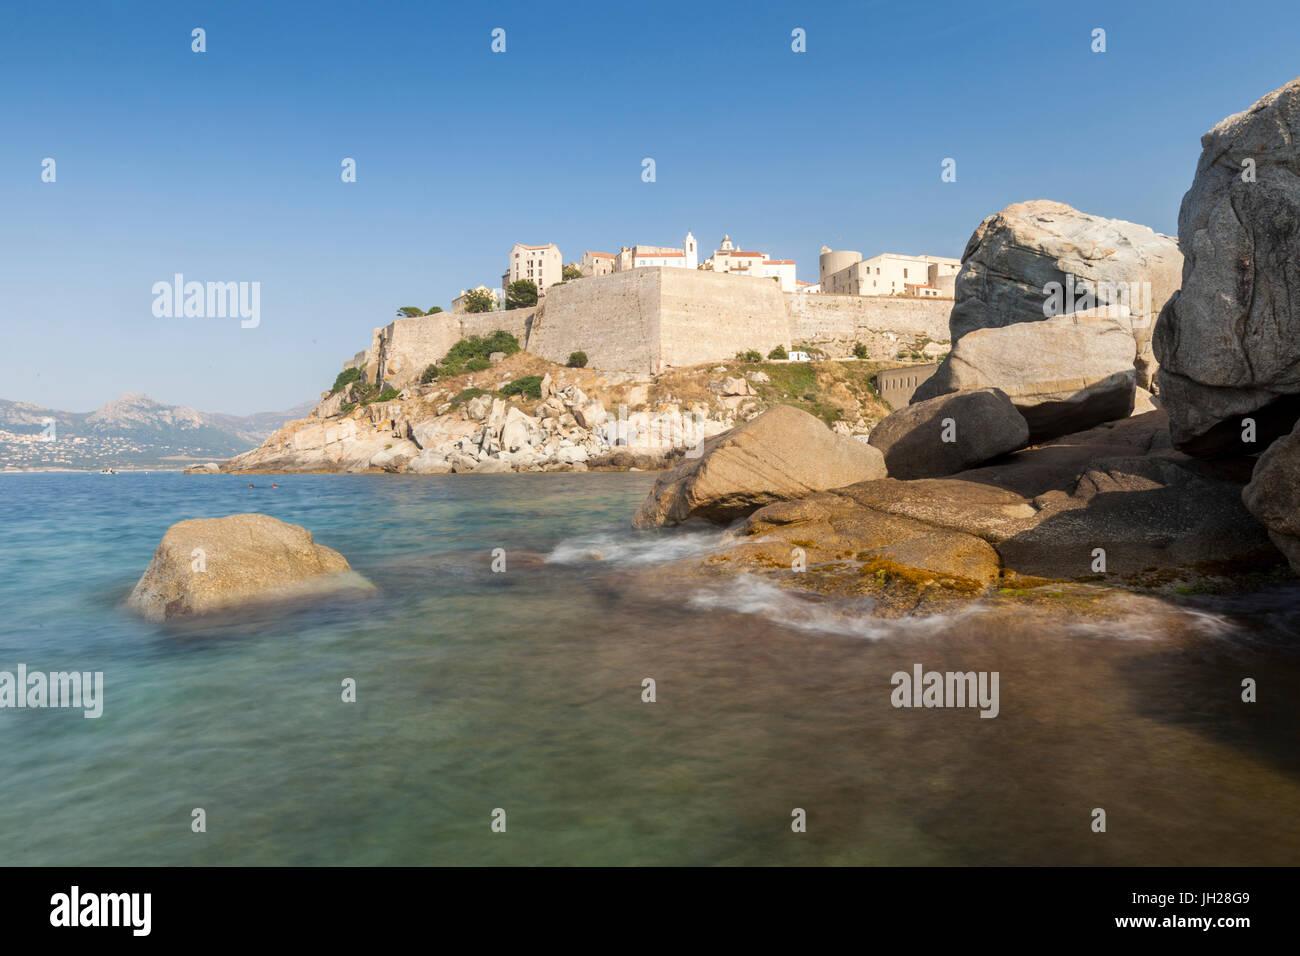 La antigua ciudadela fortificada en el promontorio rodeado por el mar claro, Calvi, Región de Balagne, Córcega, Imagen De Stock